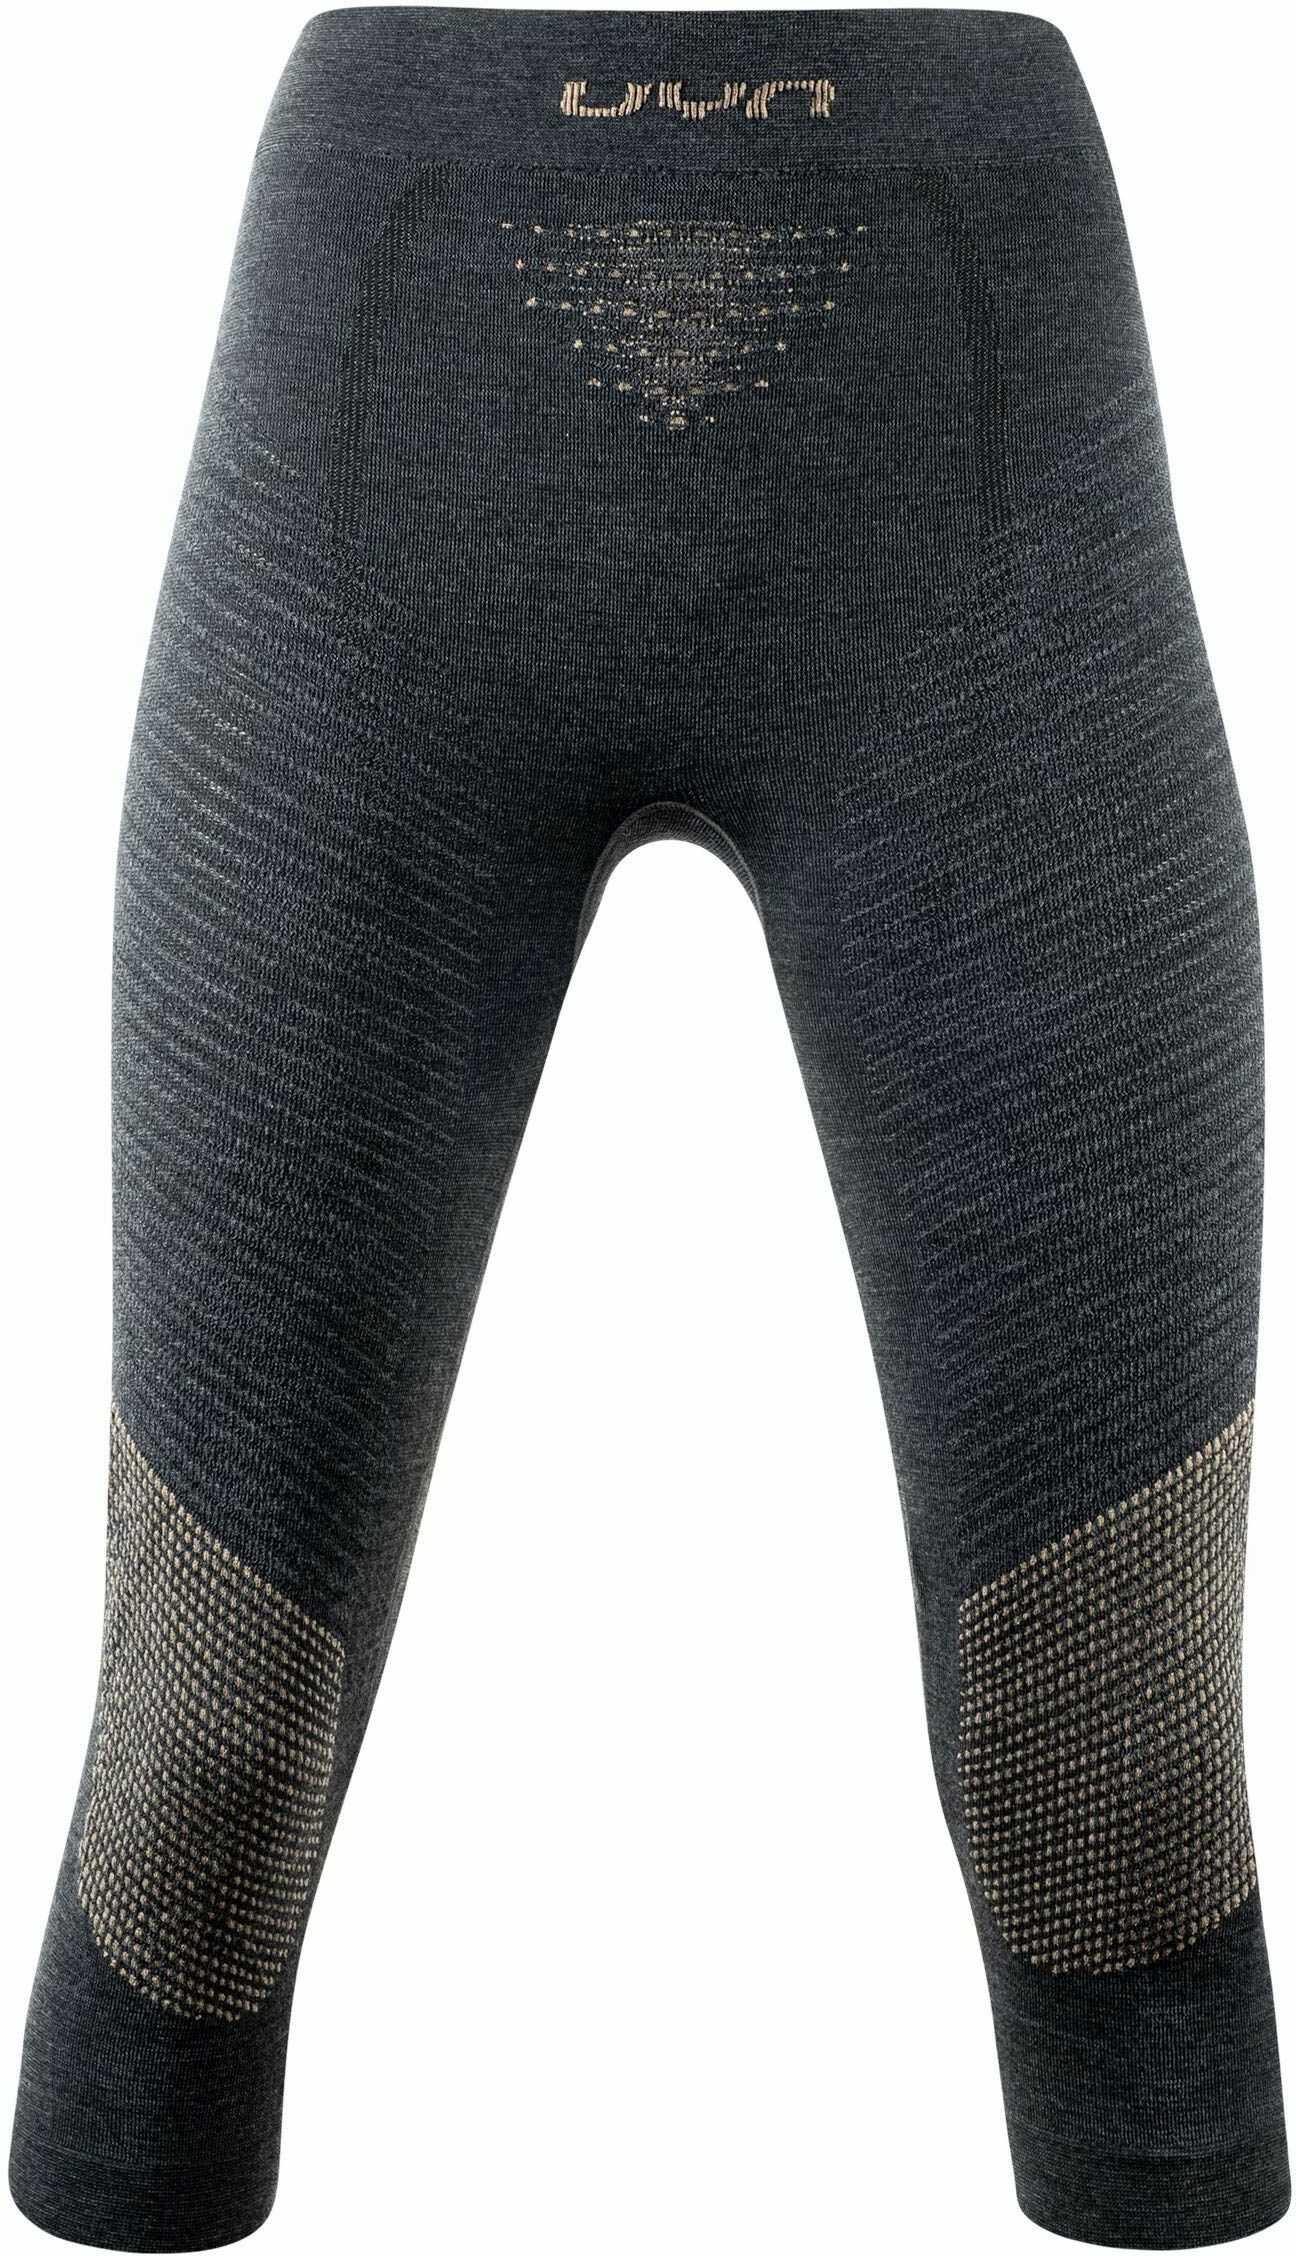 UYN damskie kalesony Uyn Lady Fusyon Cashmere Uw Pants Medium szary Grey Stone/Copper S-M